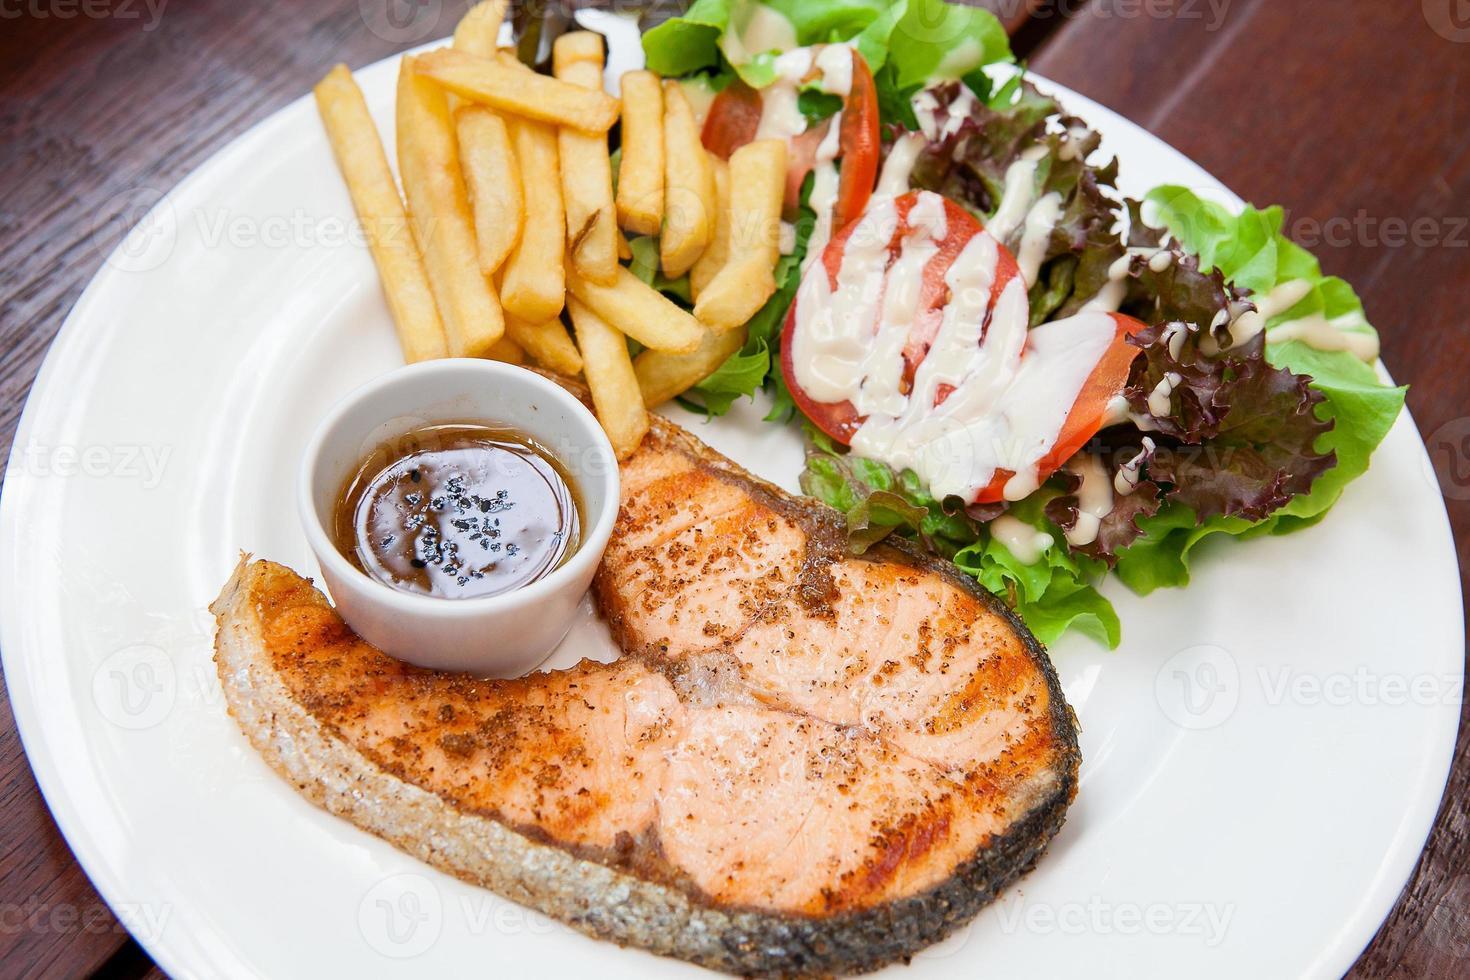 trancio di salmone con insalata e patatine fritte. foto